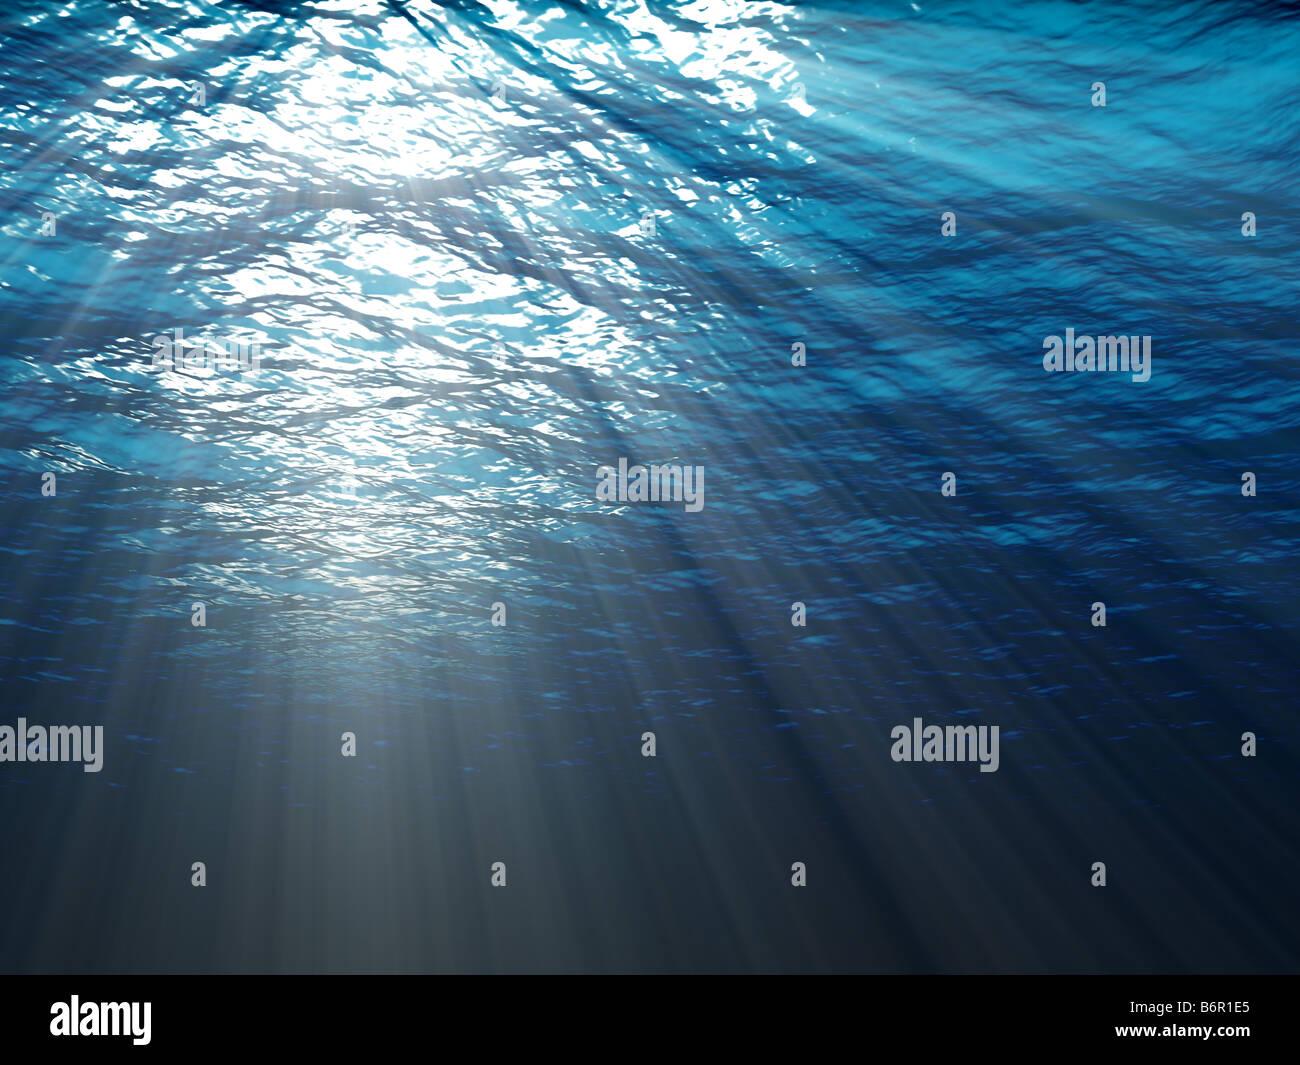 Una scena subacquea con raggi di sole che splende attraverso l'acqua Immagini Stock